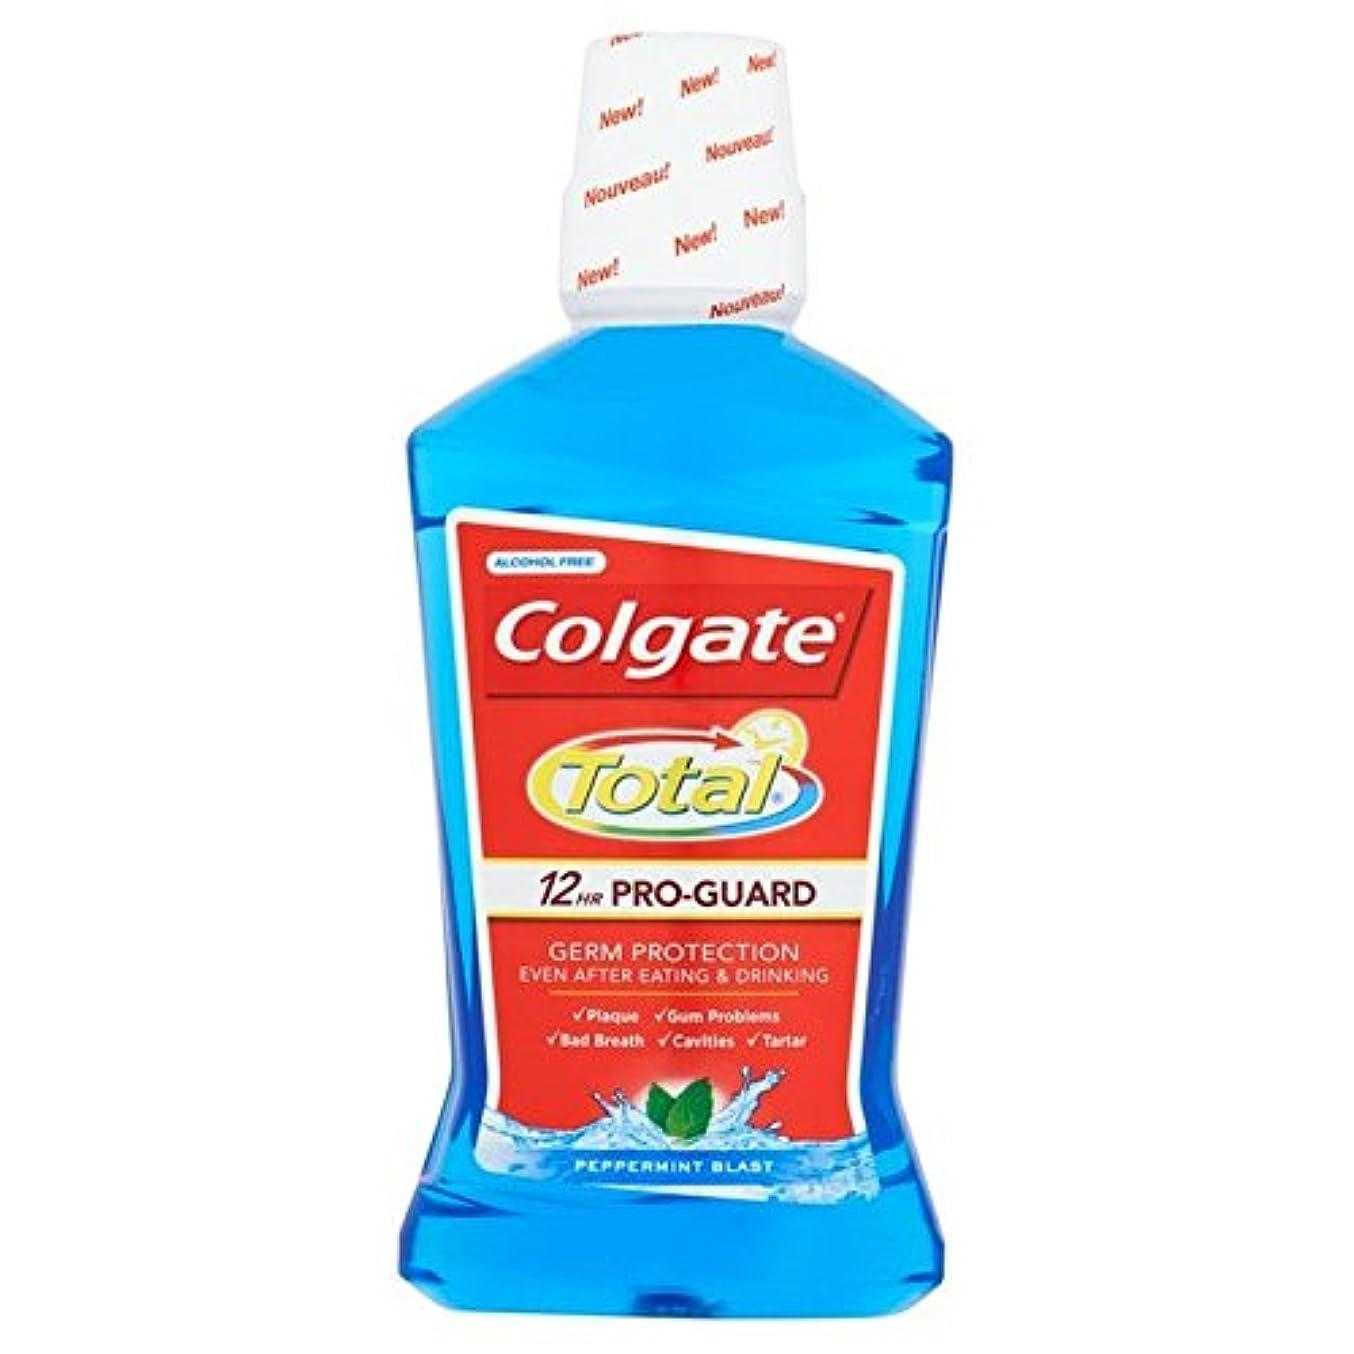 義務極端なフレッシュコルゲートトータル高度なブルーマウスウォッシュ500ミリリットル x2 - Colgate Total Advanced Blue Mouthwash 500ml (Pack of 2) [並行輸入品]